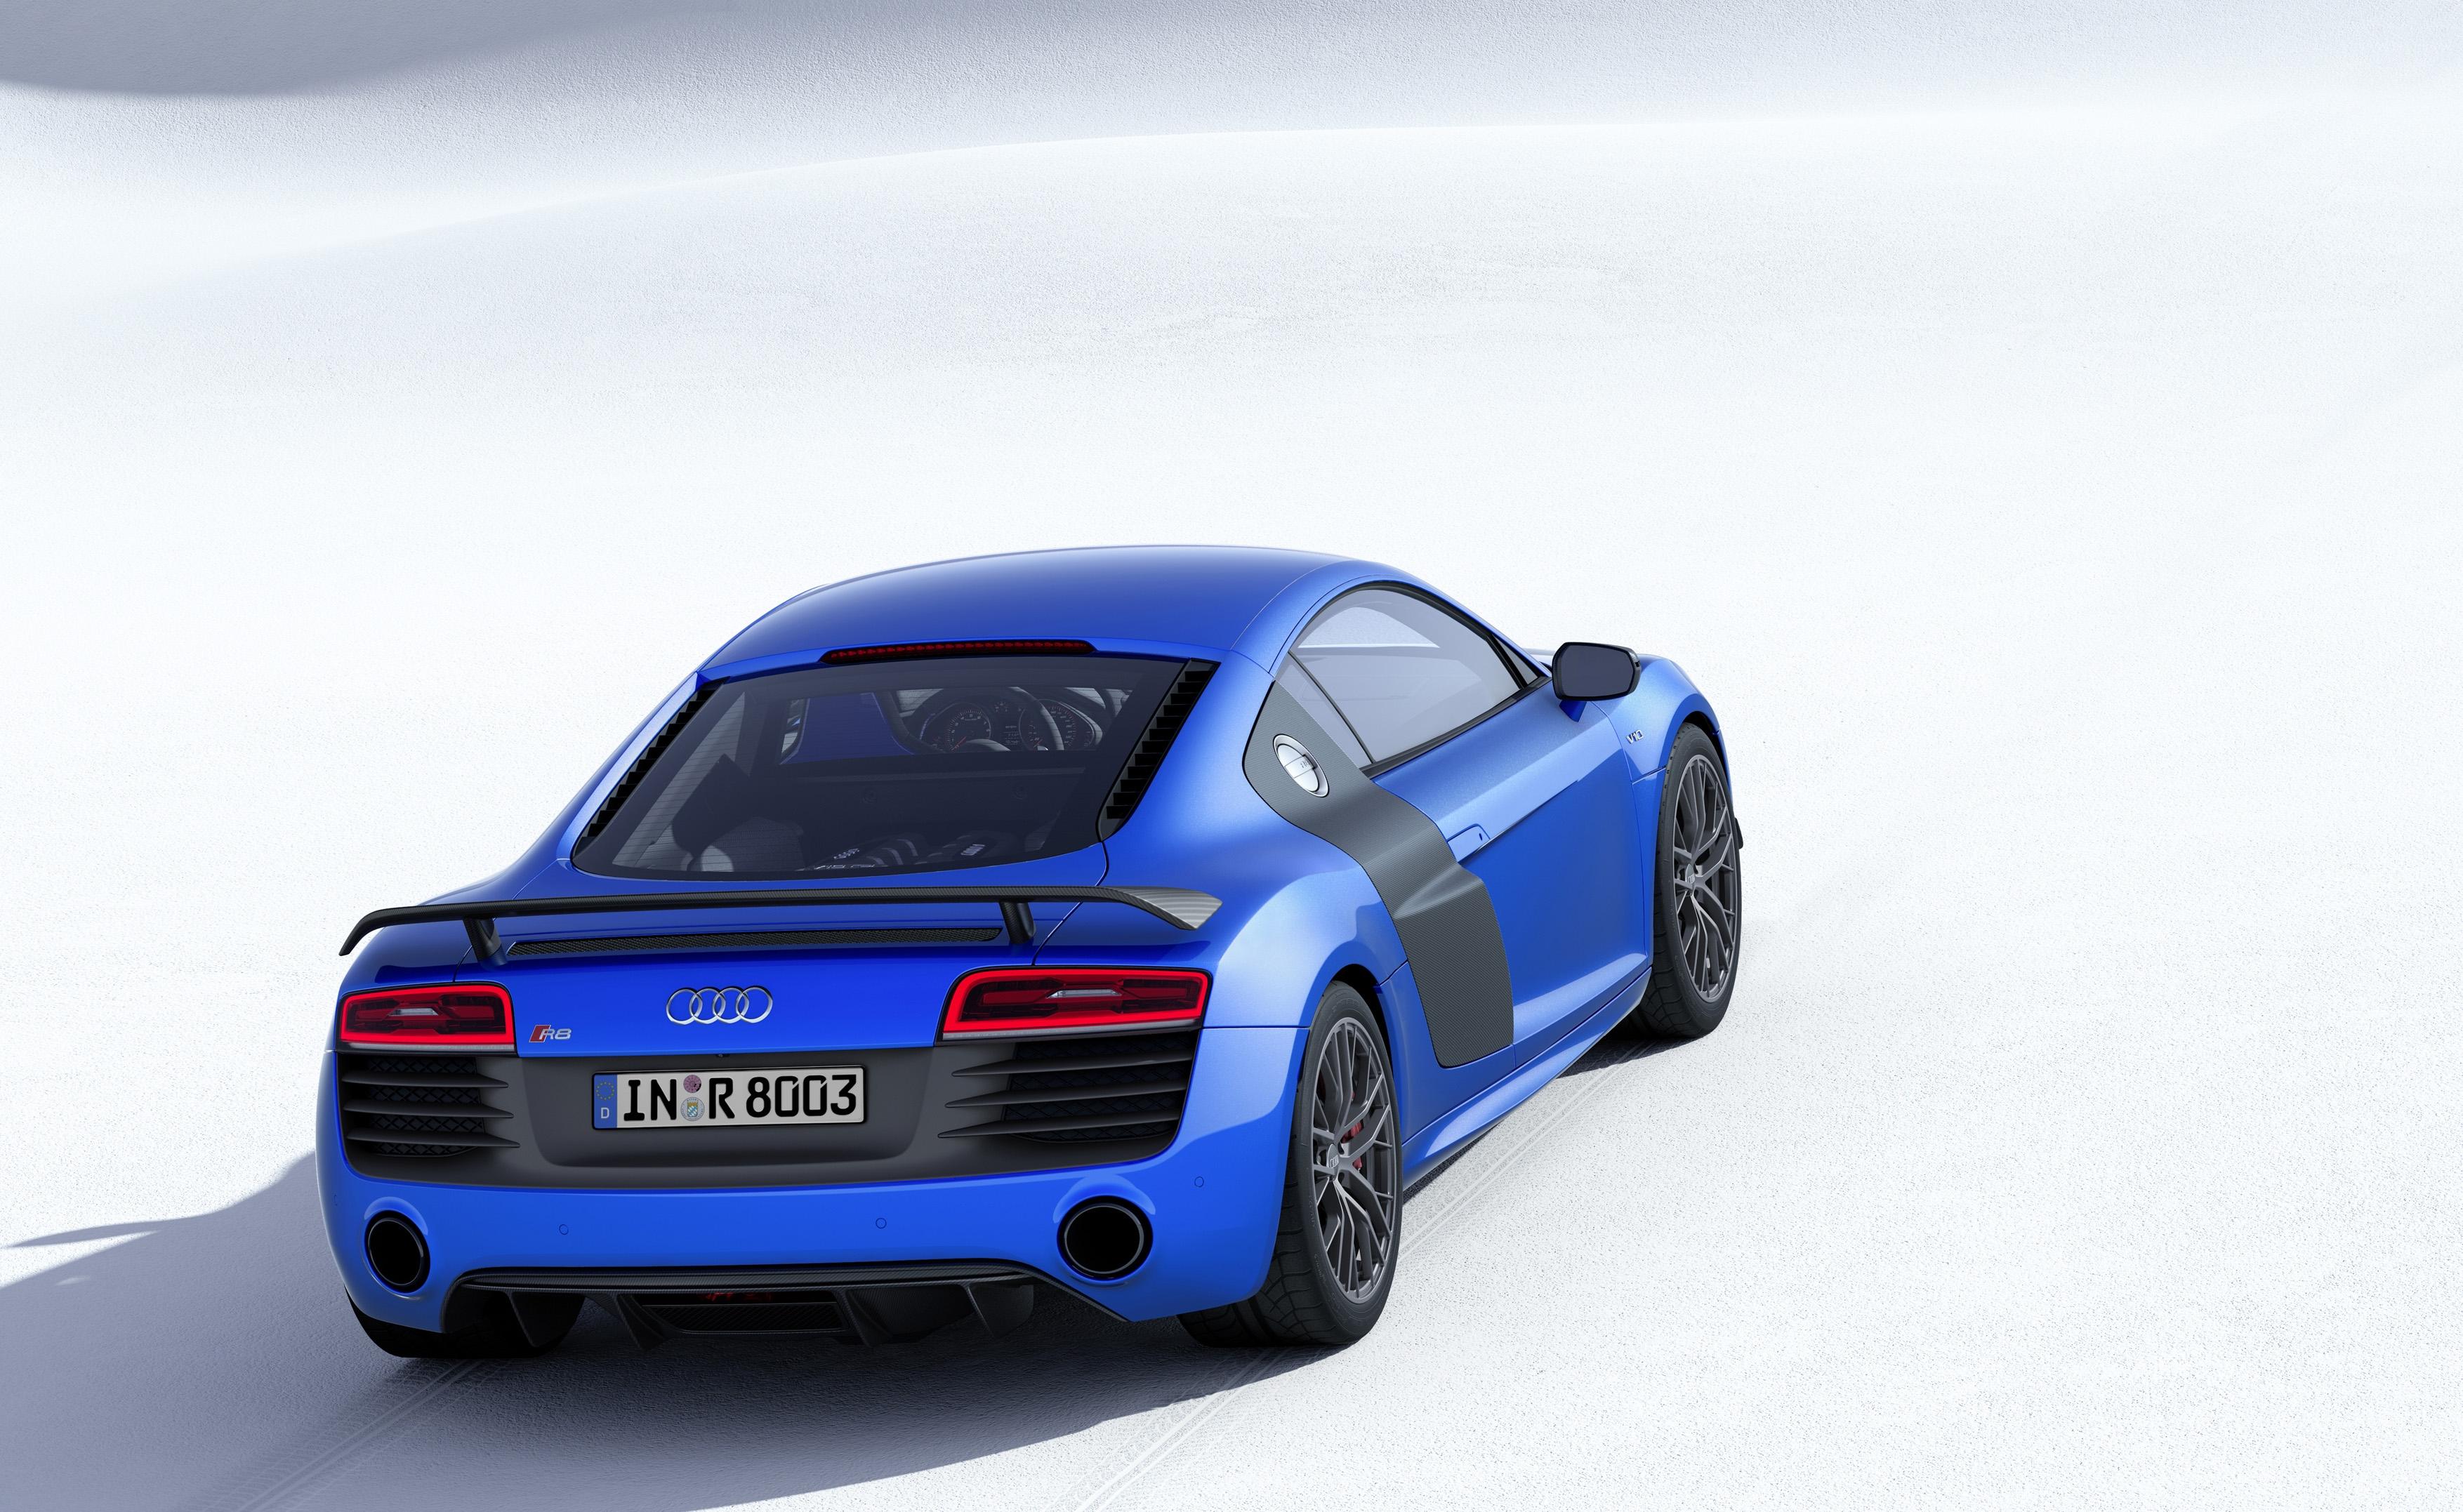 http://images.caradisiac.com/images/4/4/4/7/94447/S0-Audi-lance-la-serie-limitee-R8-LMX-a-feux-laser-321130.jpg